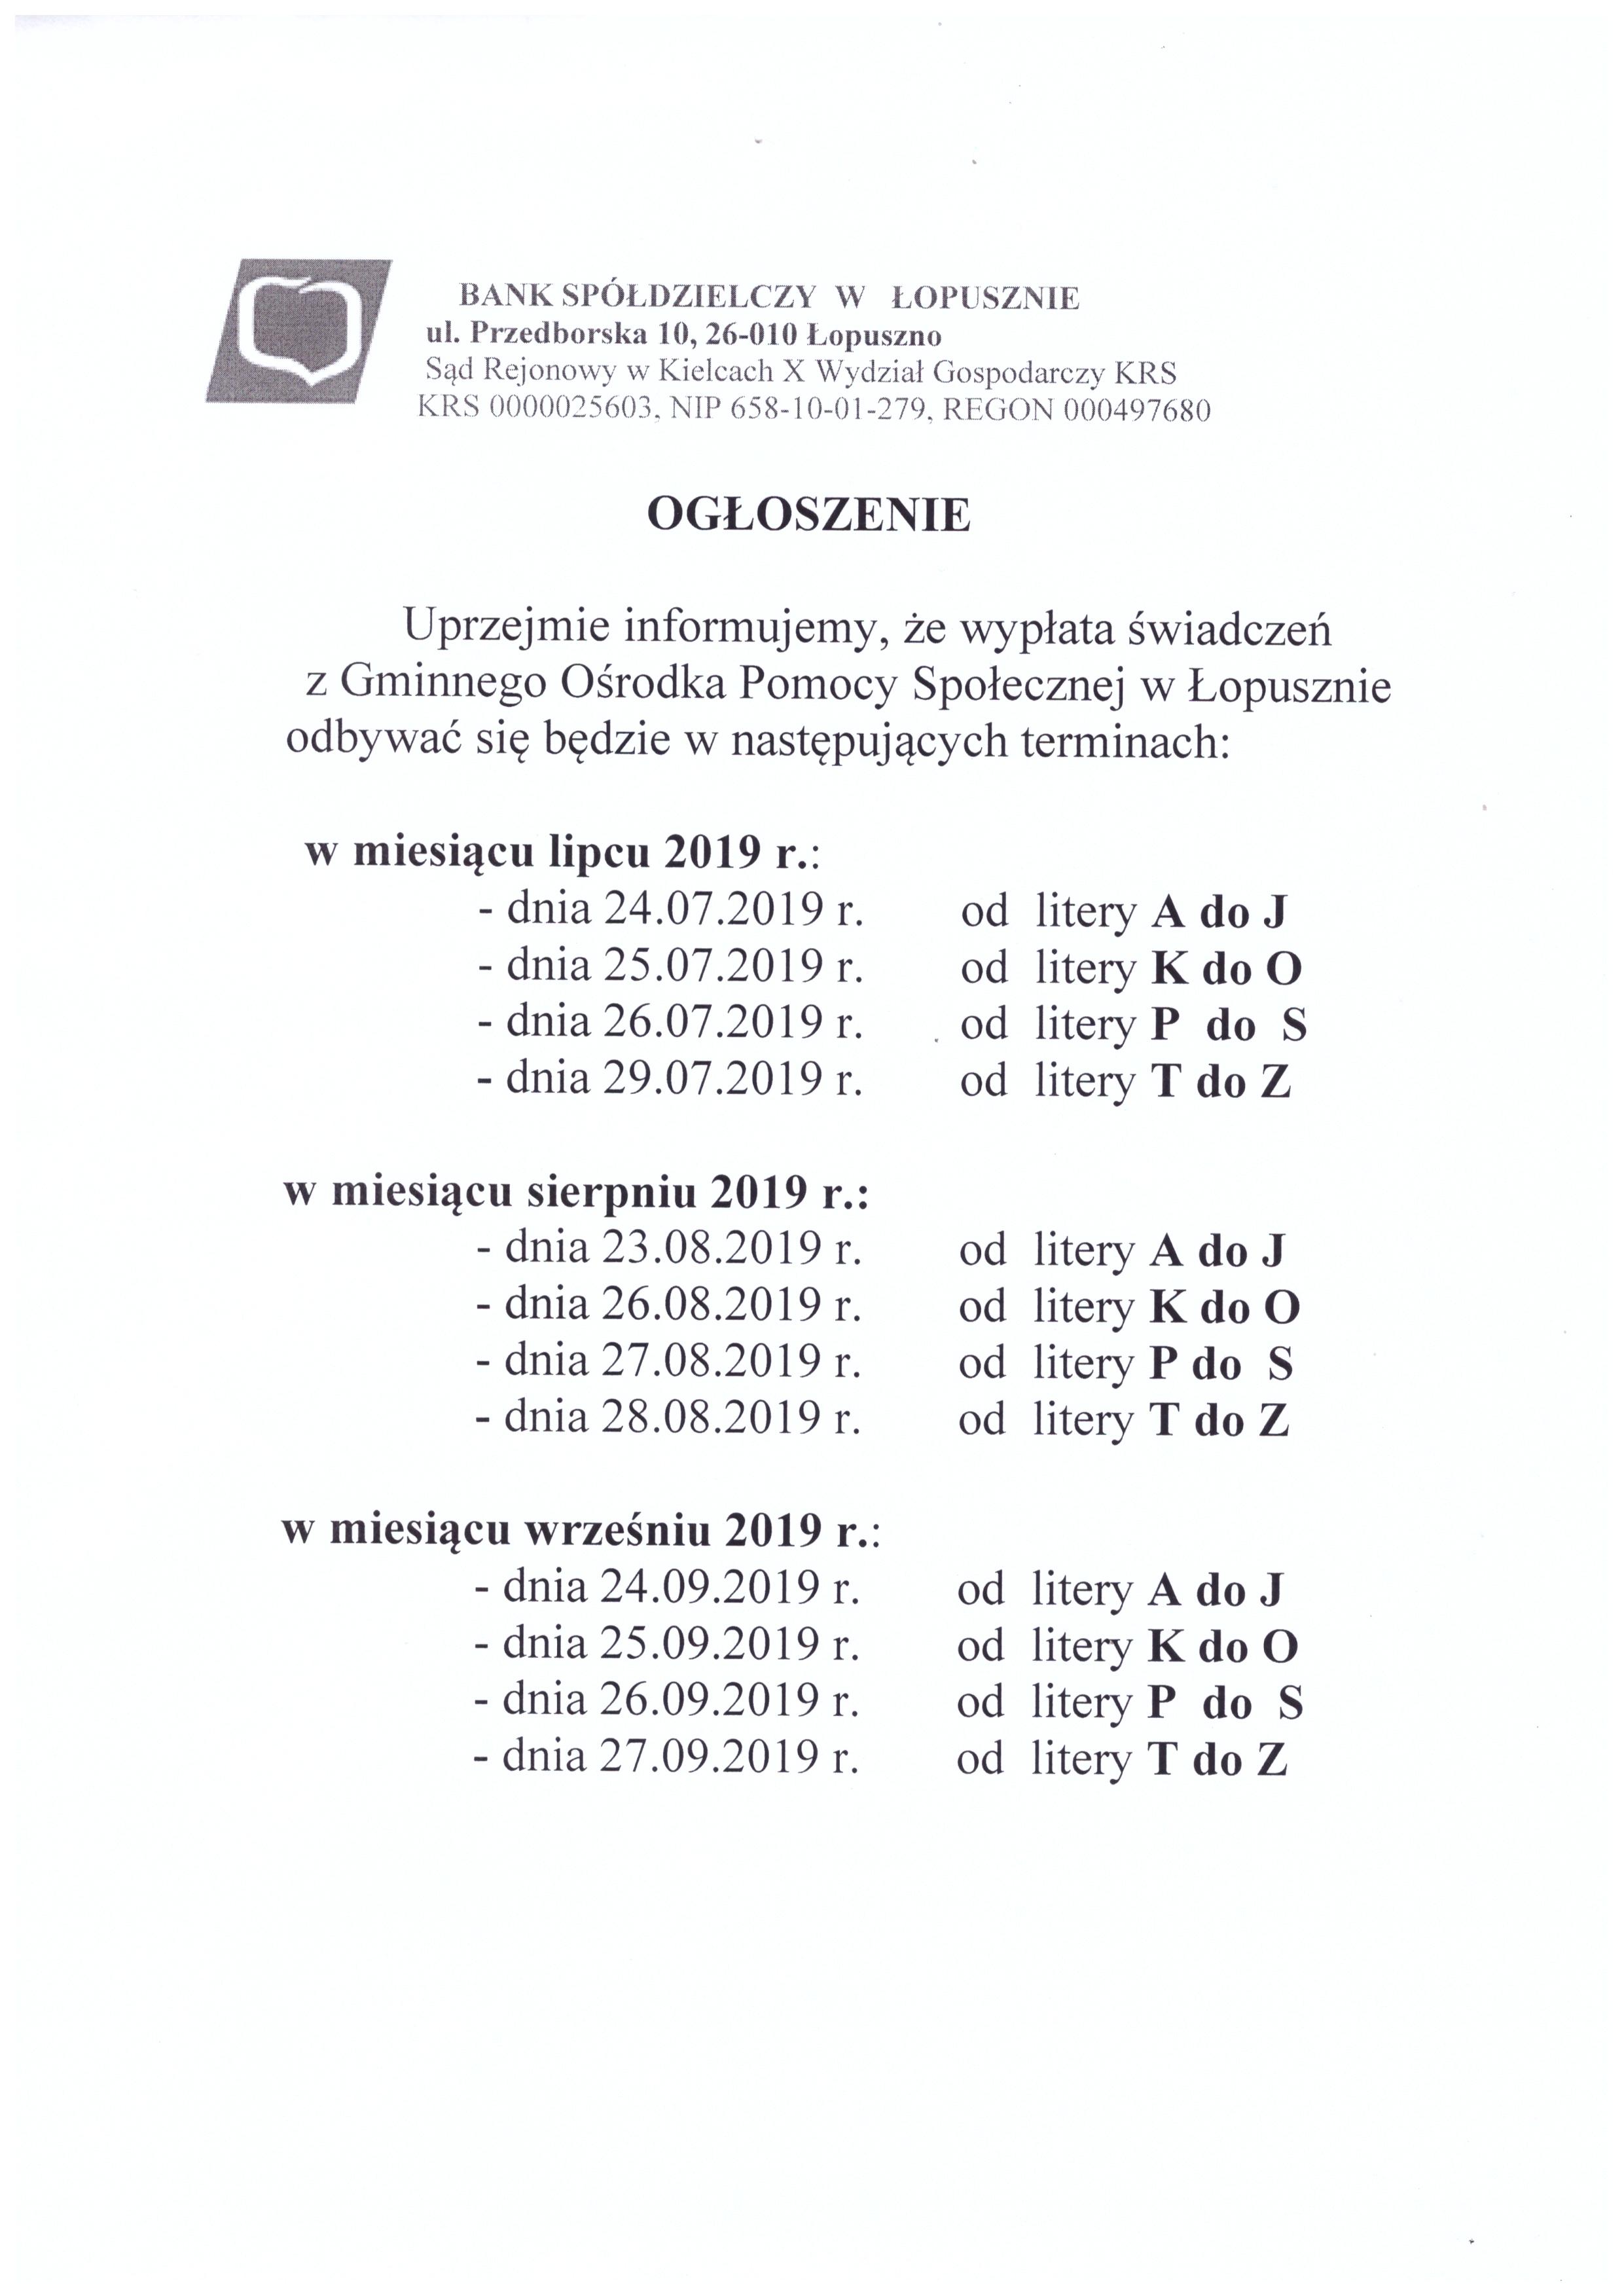 TERMINY WYPŁAT ZASIŁKÓW, Gminny Ośrodek Pomocy Społecznej w Łopusznie